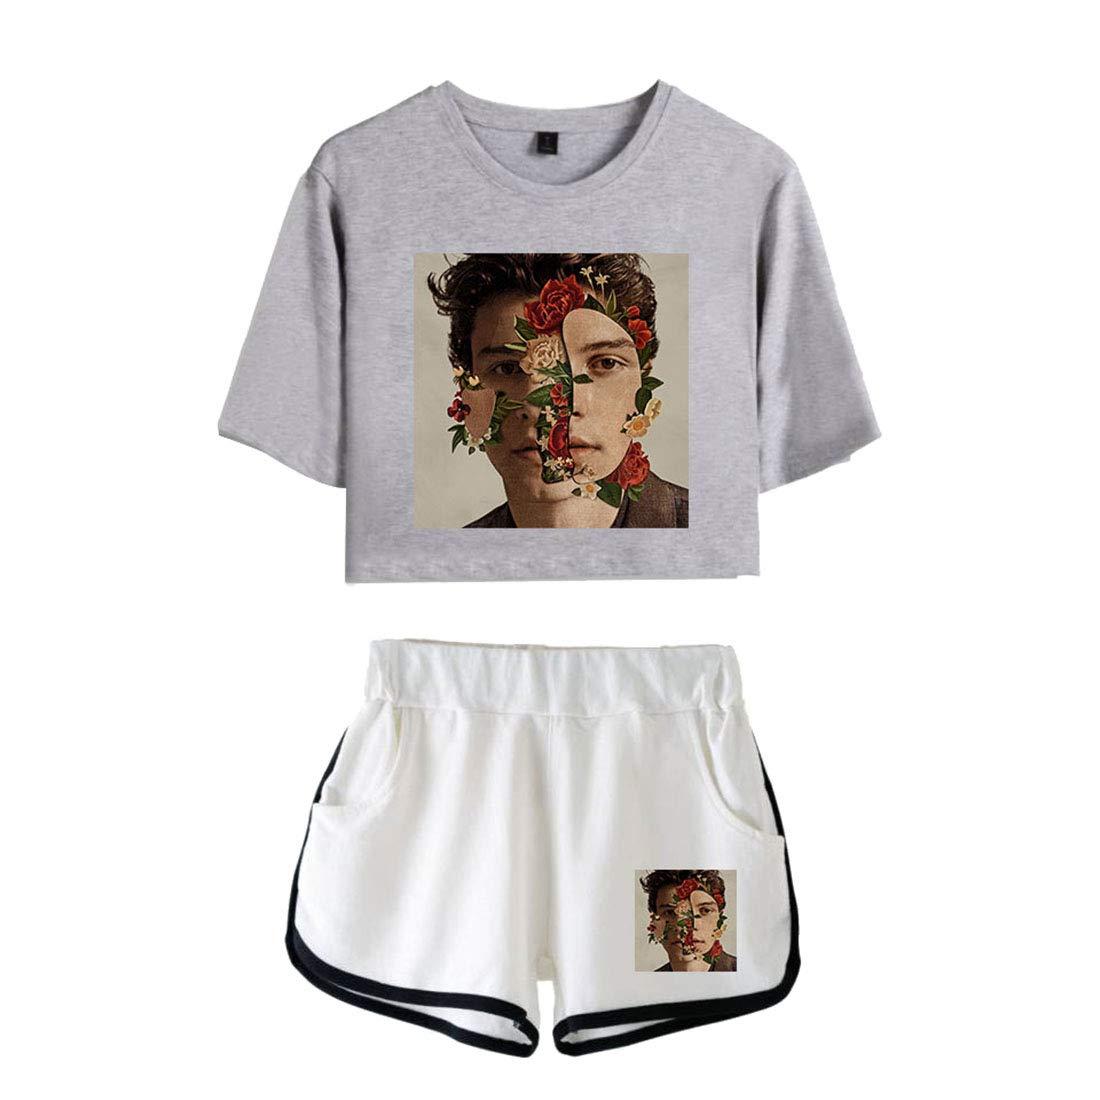 f8687bc0135d5 CTOOO T-Shirts Shorts Shawn Mendes Vêtements Commémoratifs Femme Ado Casual  Ete XS-XXL: Amazon.fr: Vêtements et accessoires